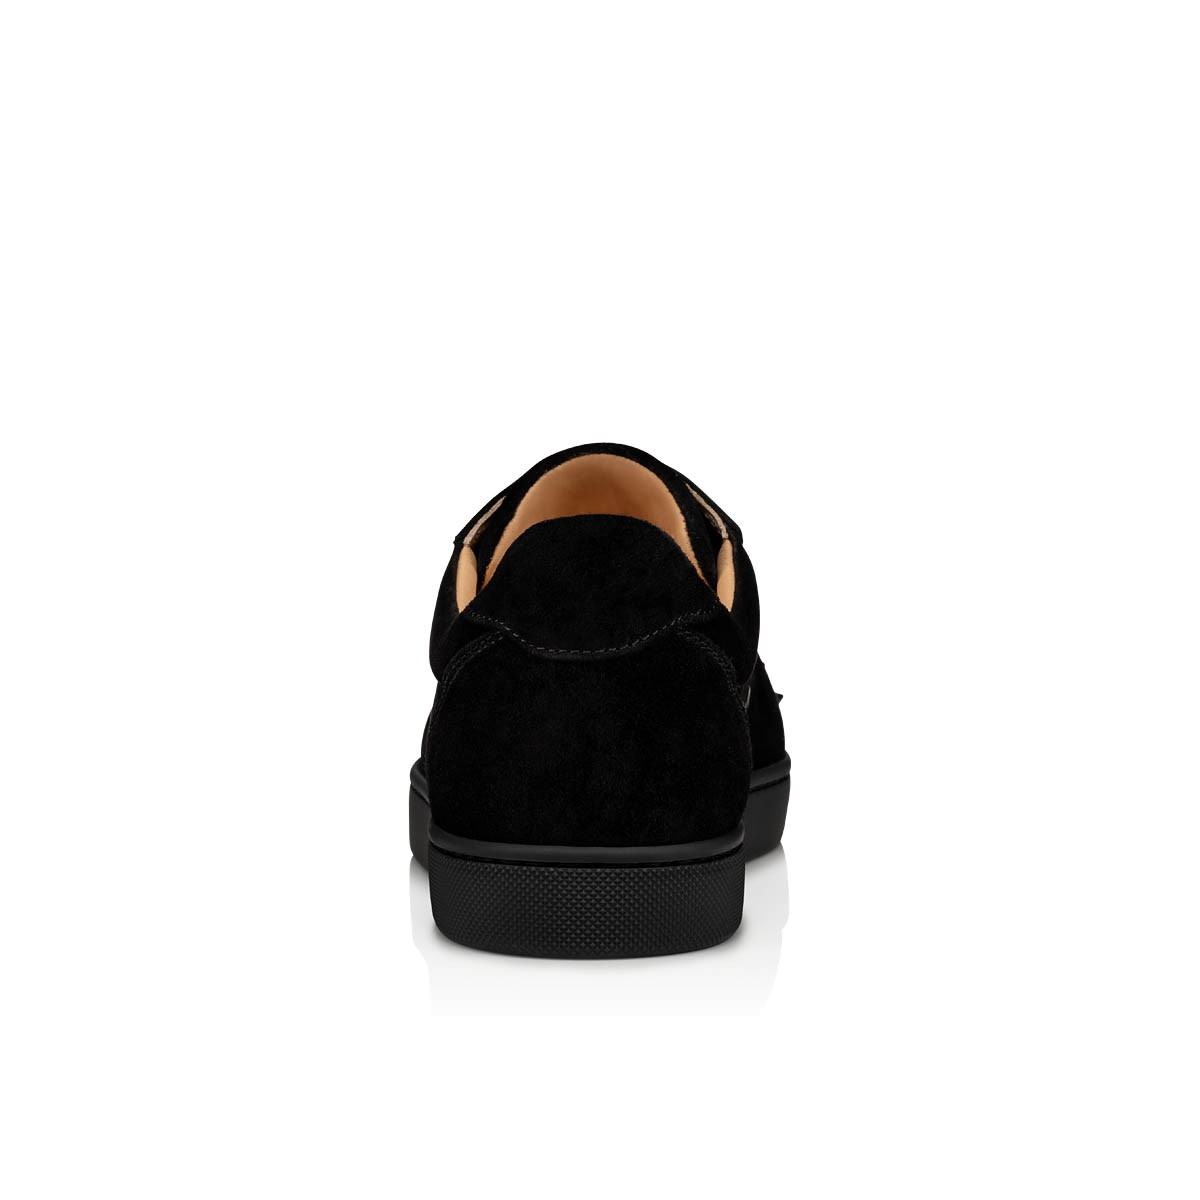 Women Shoes - Vieira Spikes - Christian Louboutin